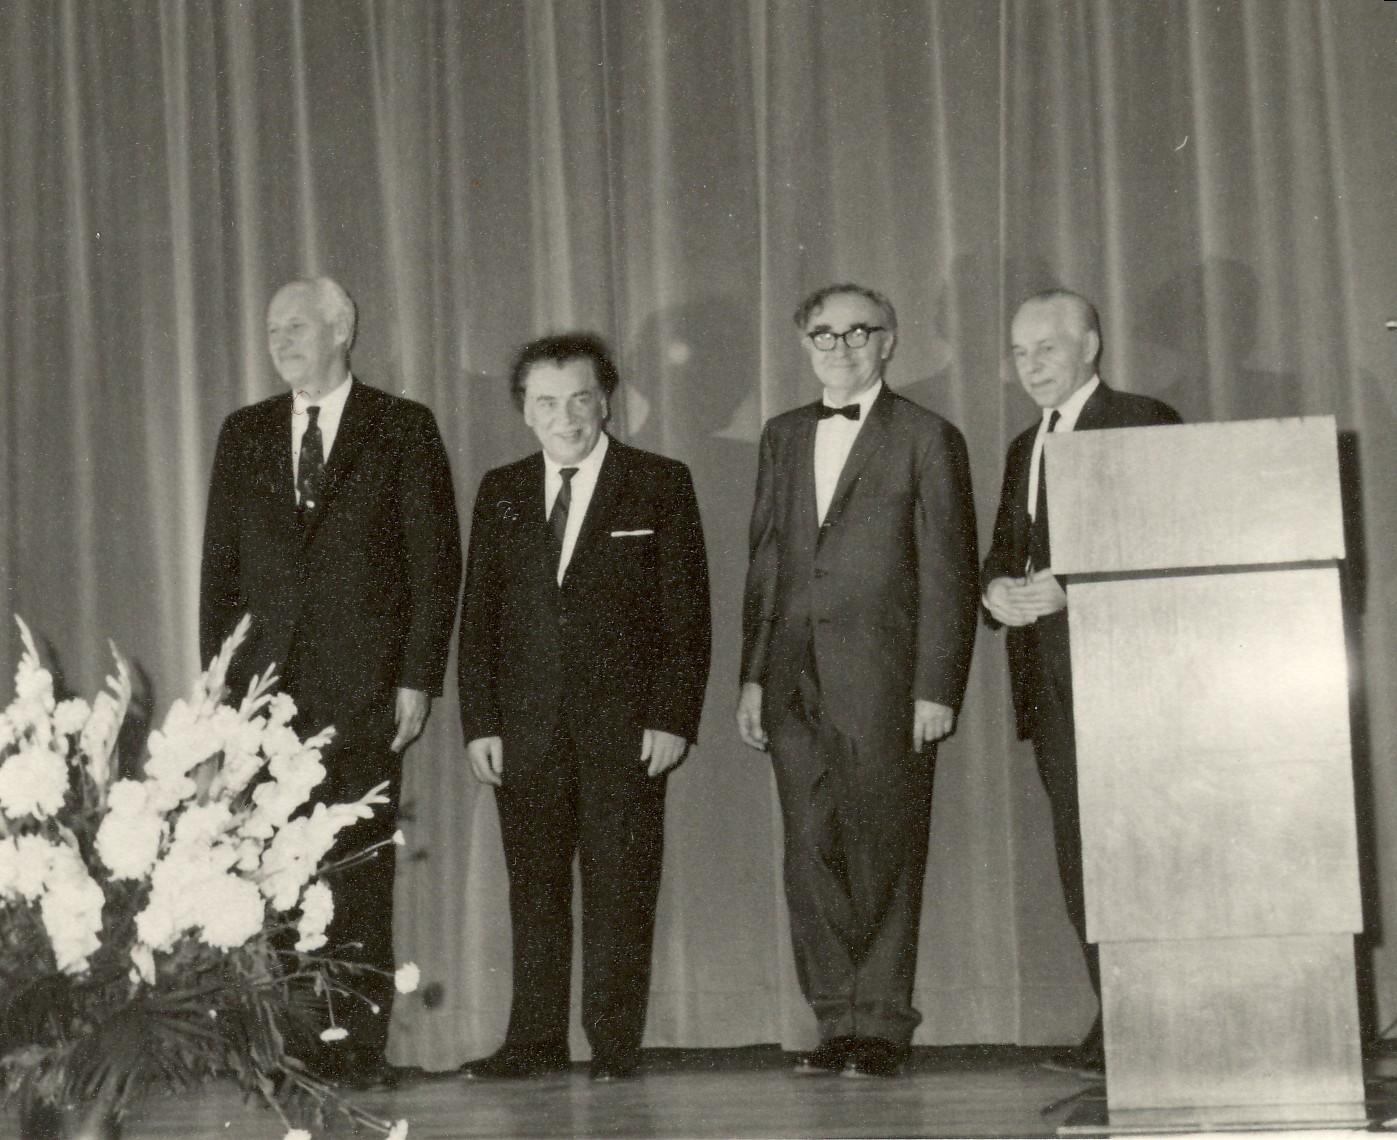 """""""Ketveriukės"""" koncertinė programa Toronte 1968 m. Iš kairės: S. Santvaras, A. Gustaitis, B. Brazdžionis, P. Andriušis"""